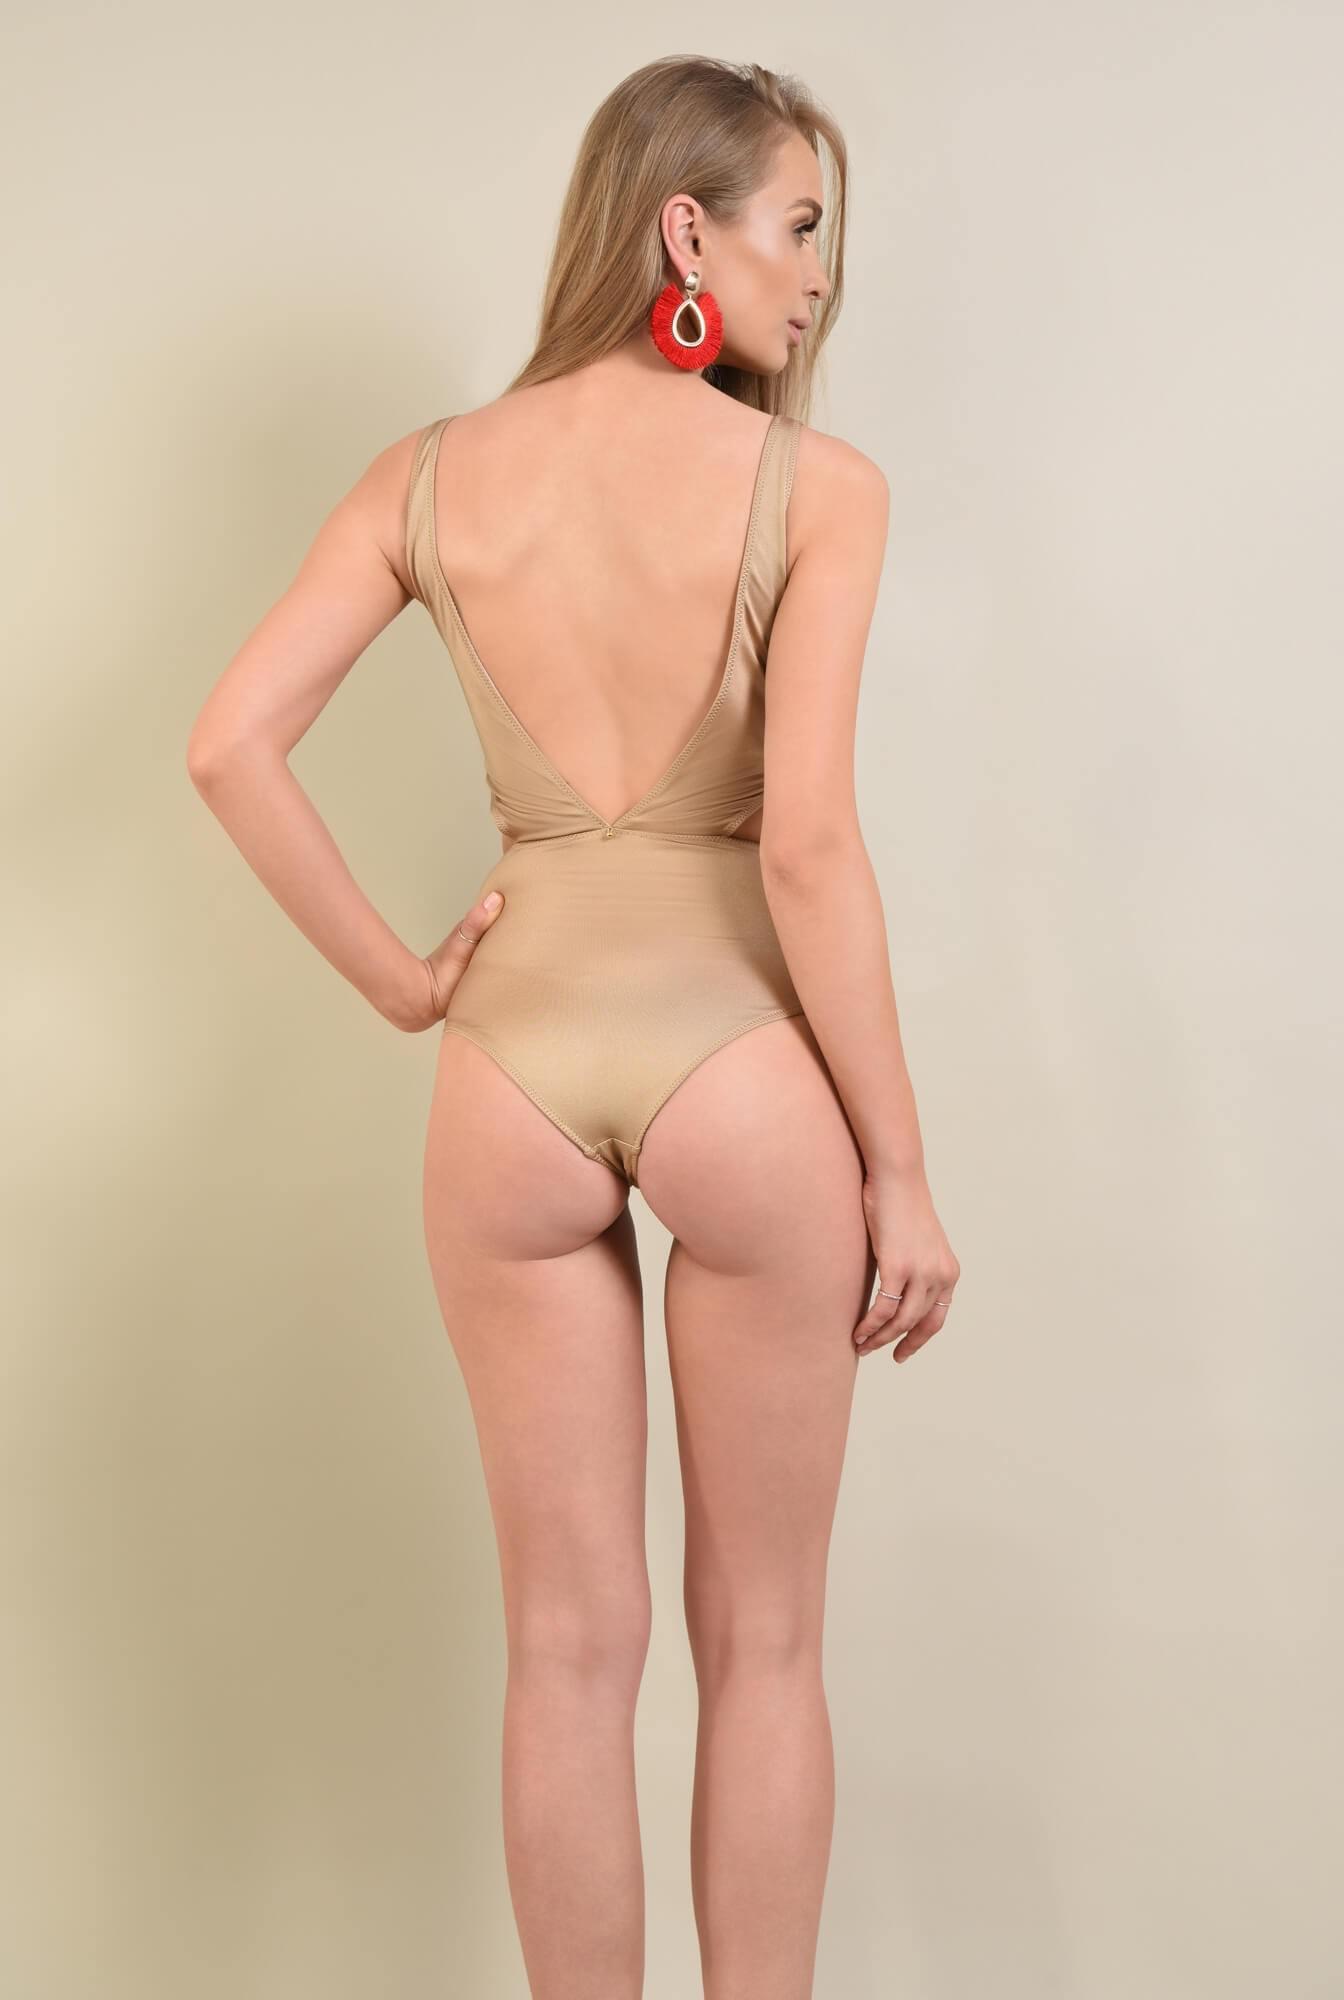 2 - costum de baie intreg, nude, decupaje